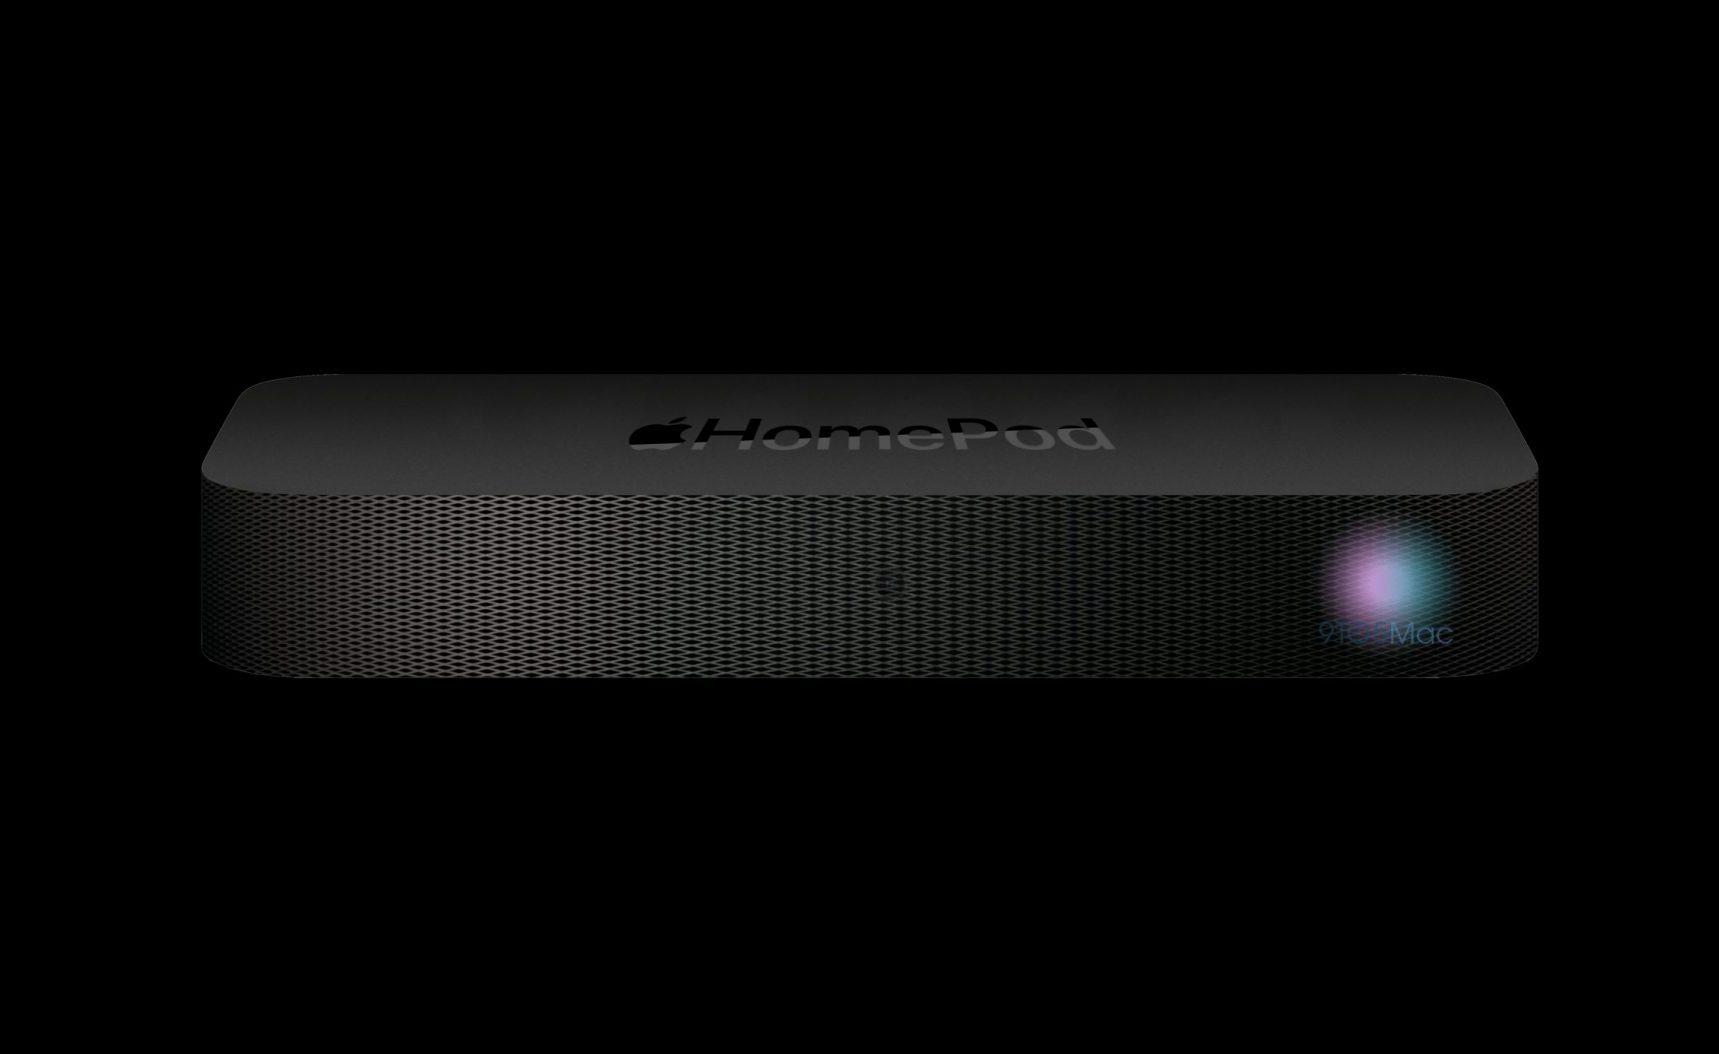 Ako by mohlo vyzerať prepojenie Apple TV a HomePod?